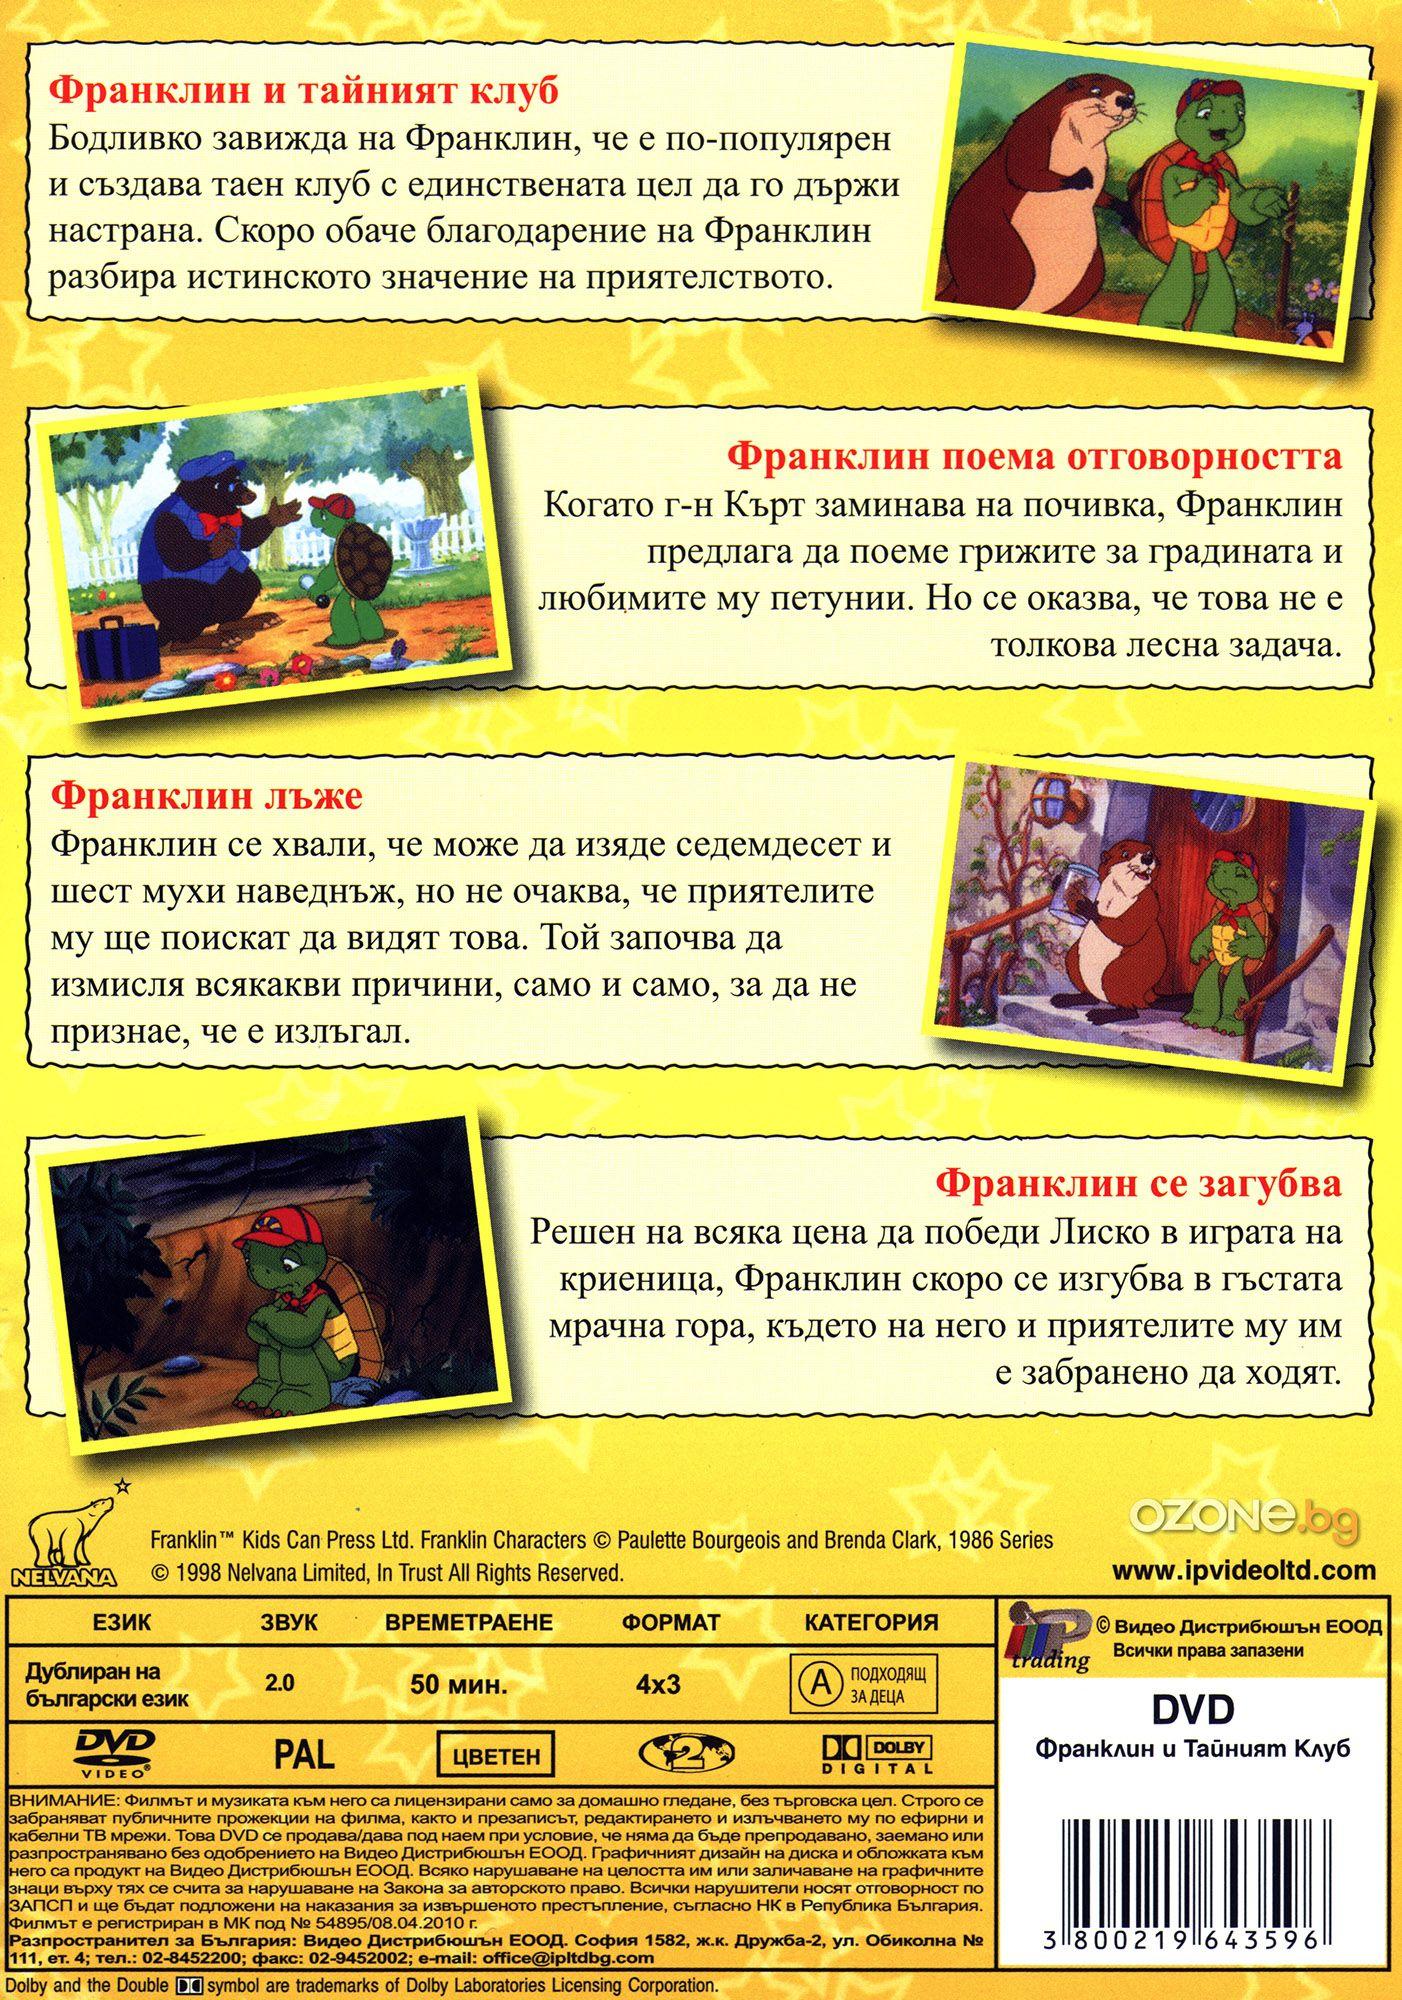 Франклин и тайният клуб (DVD) - 2